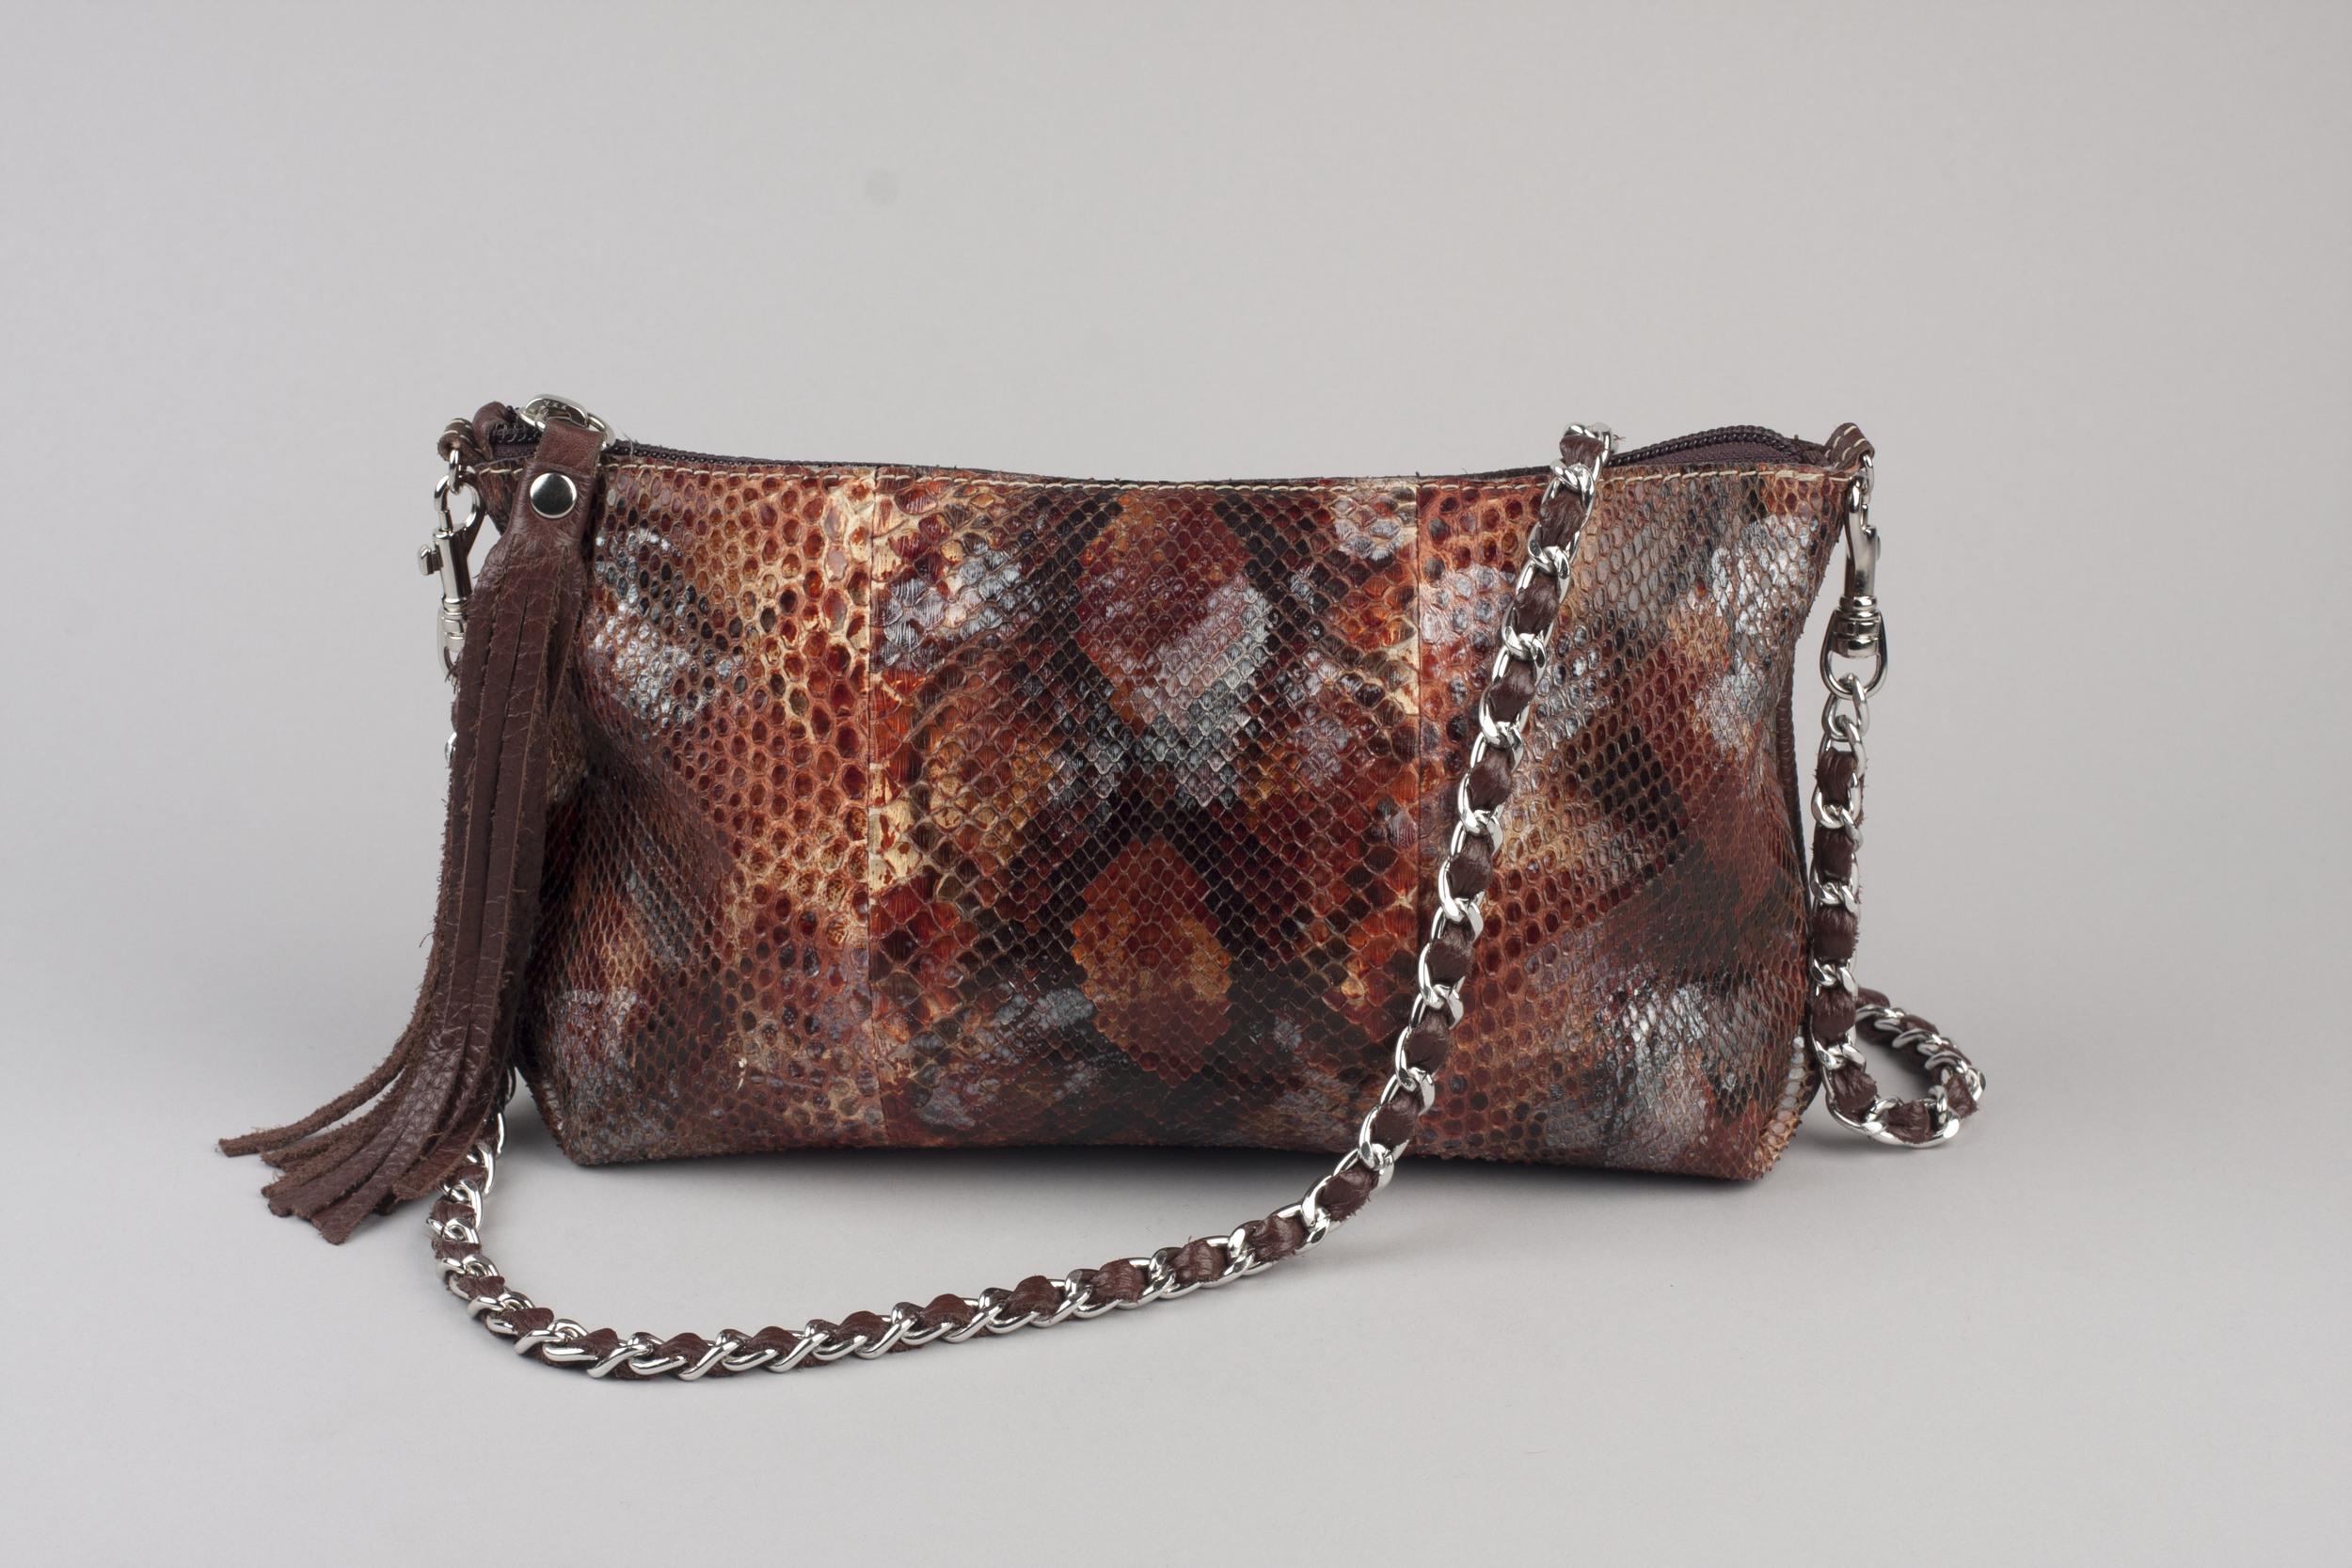 Painted Python Possible Bag - Mahogany